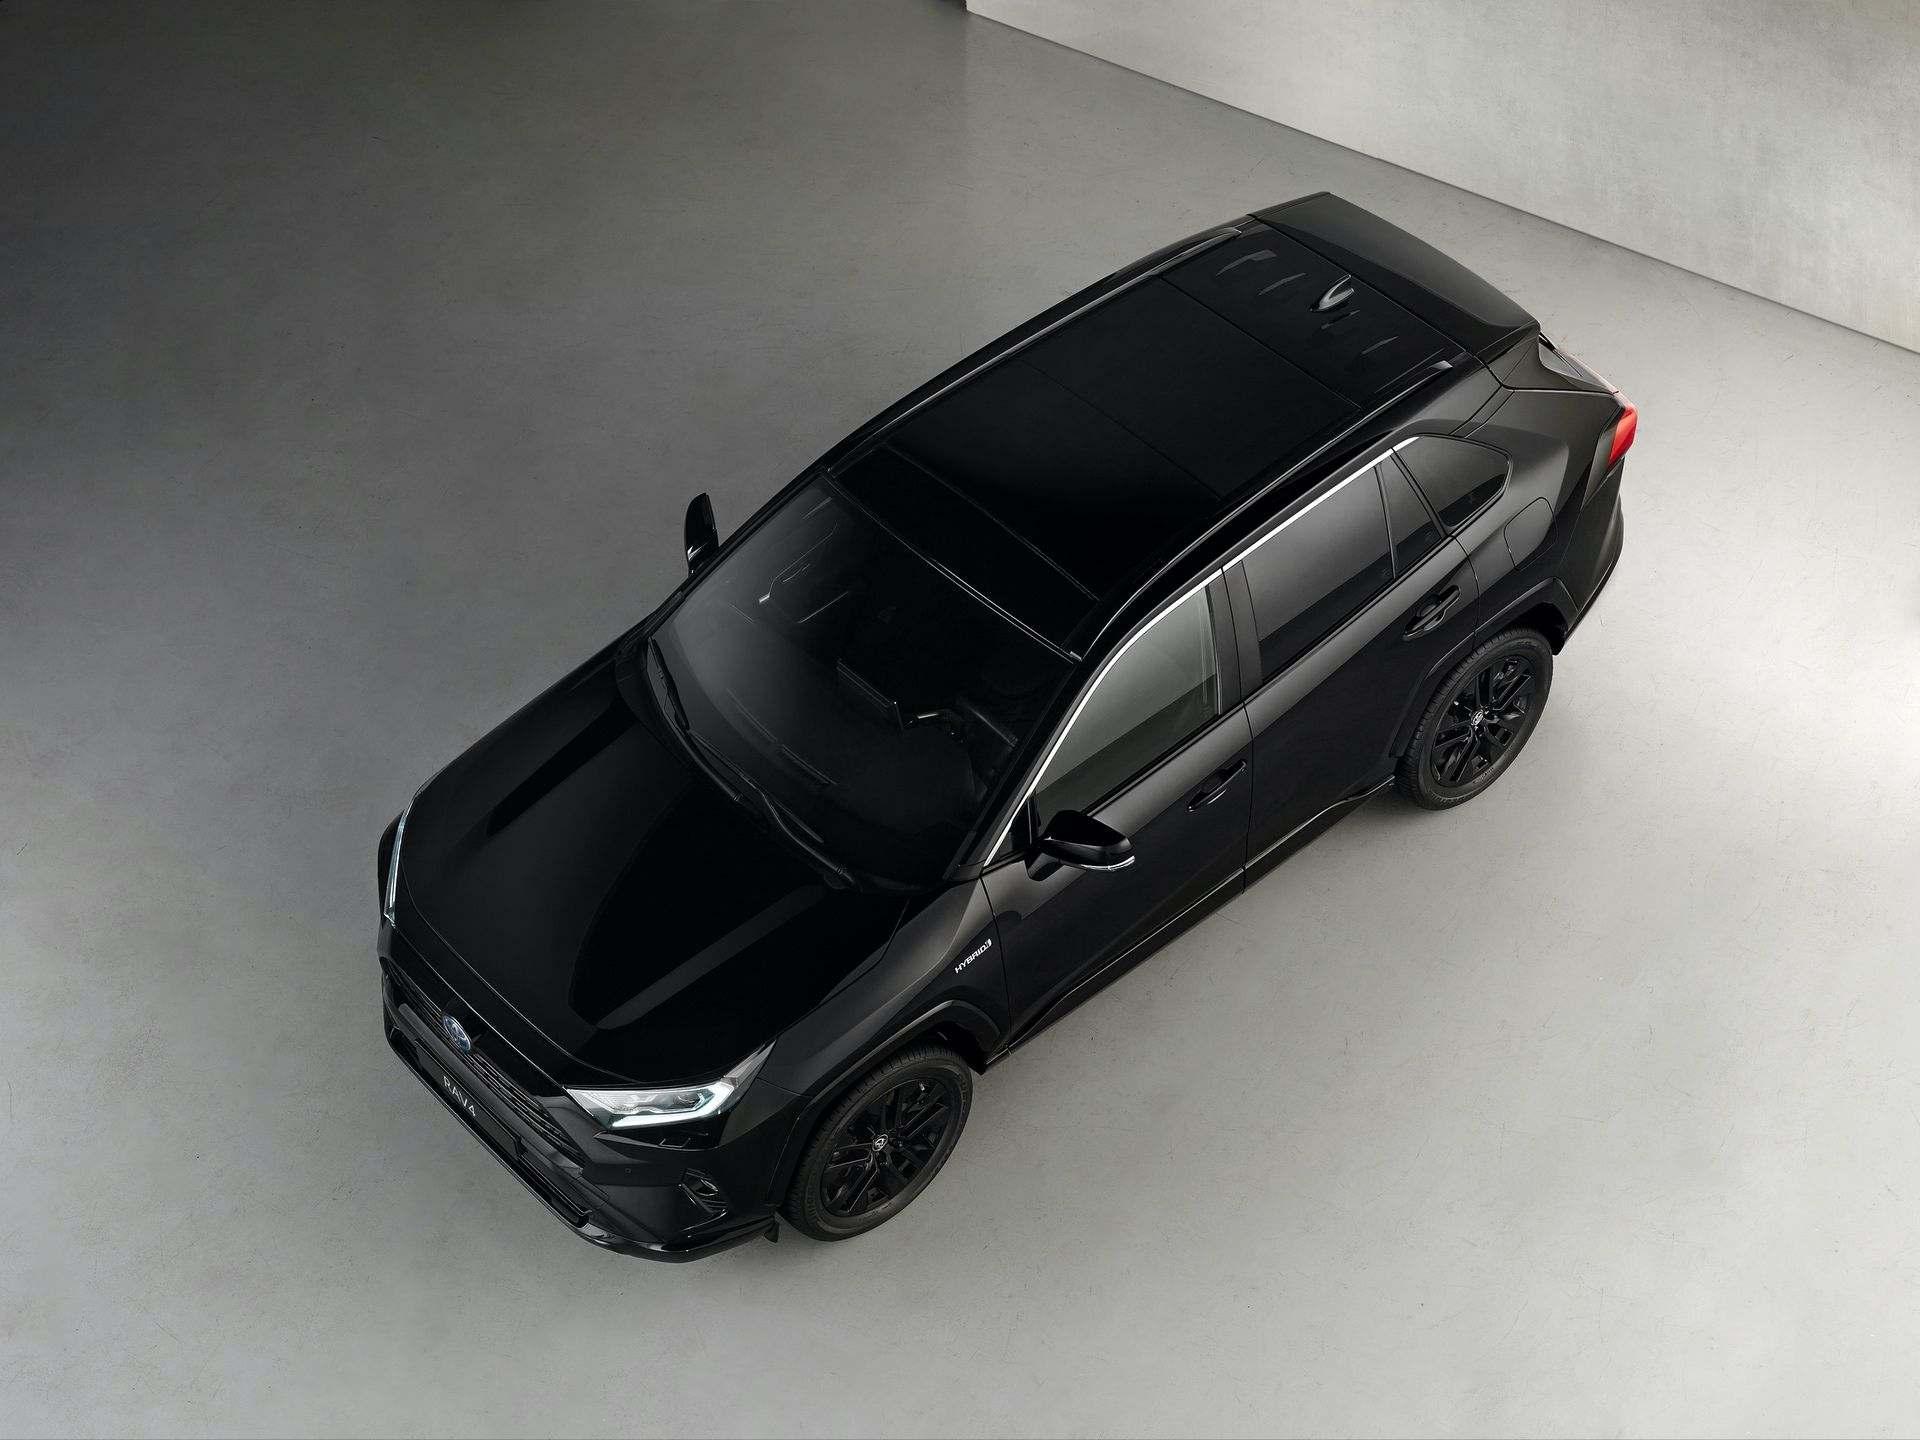 Toyota_RAV4_Hybrid_Black_Edition_0001